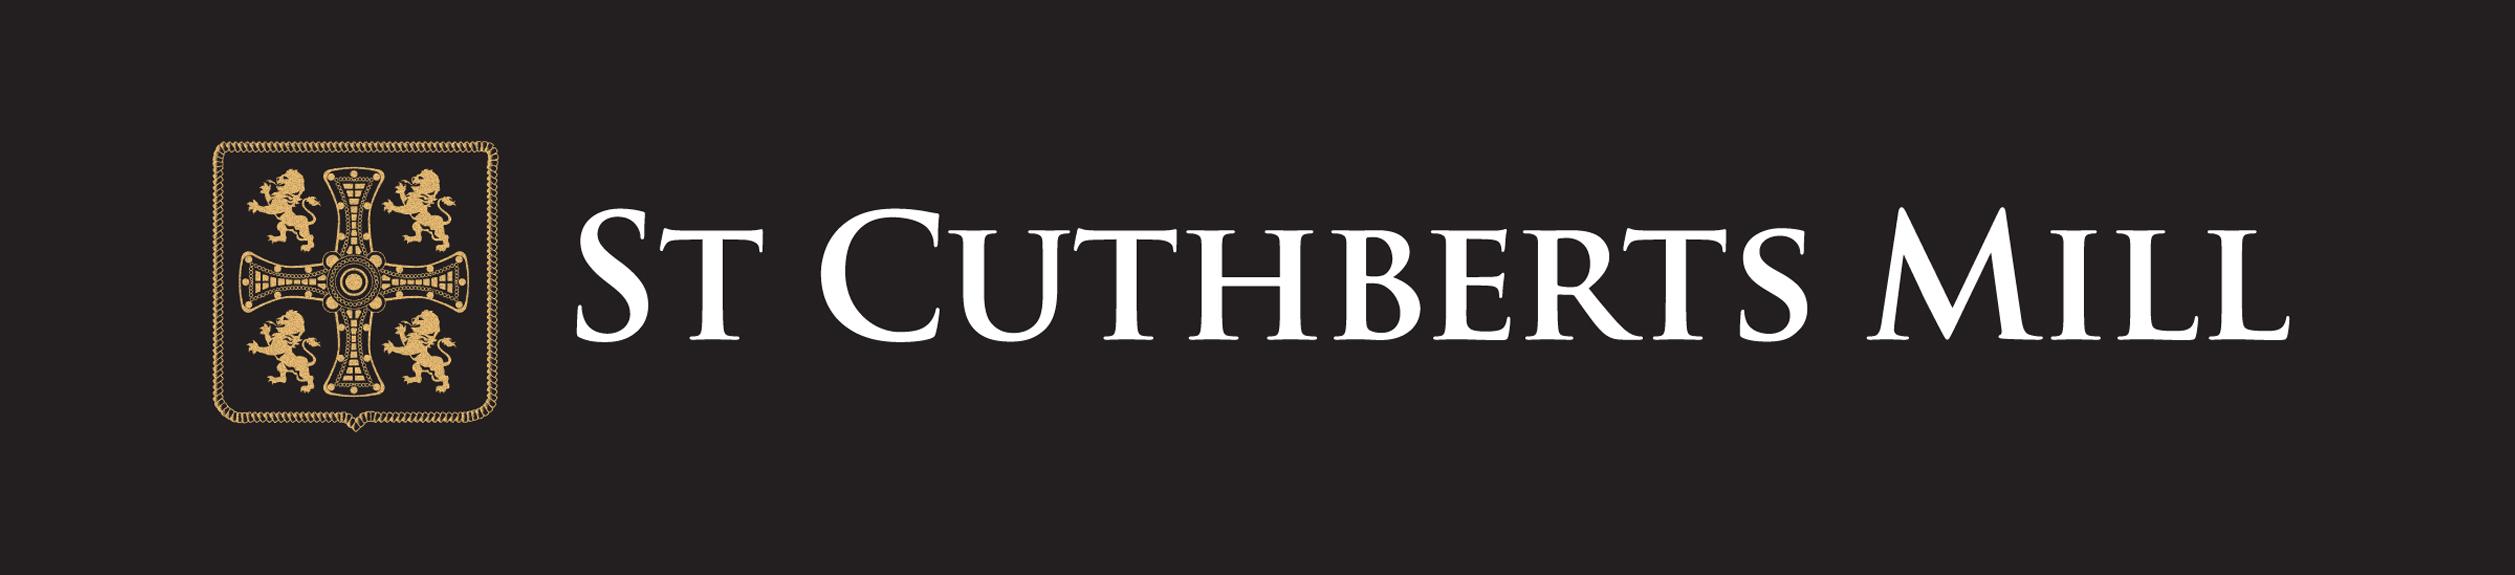 https://derbyprintopen.org/wp-content/uploads/2018/01/St-Cuthberts-Mill-Negative-3.jpg